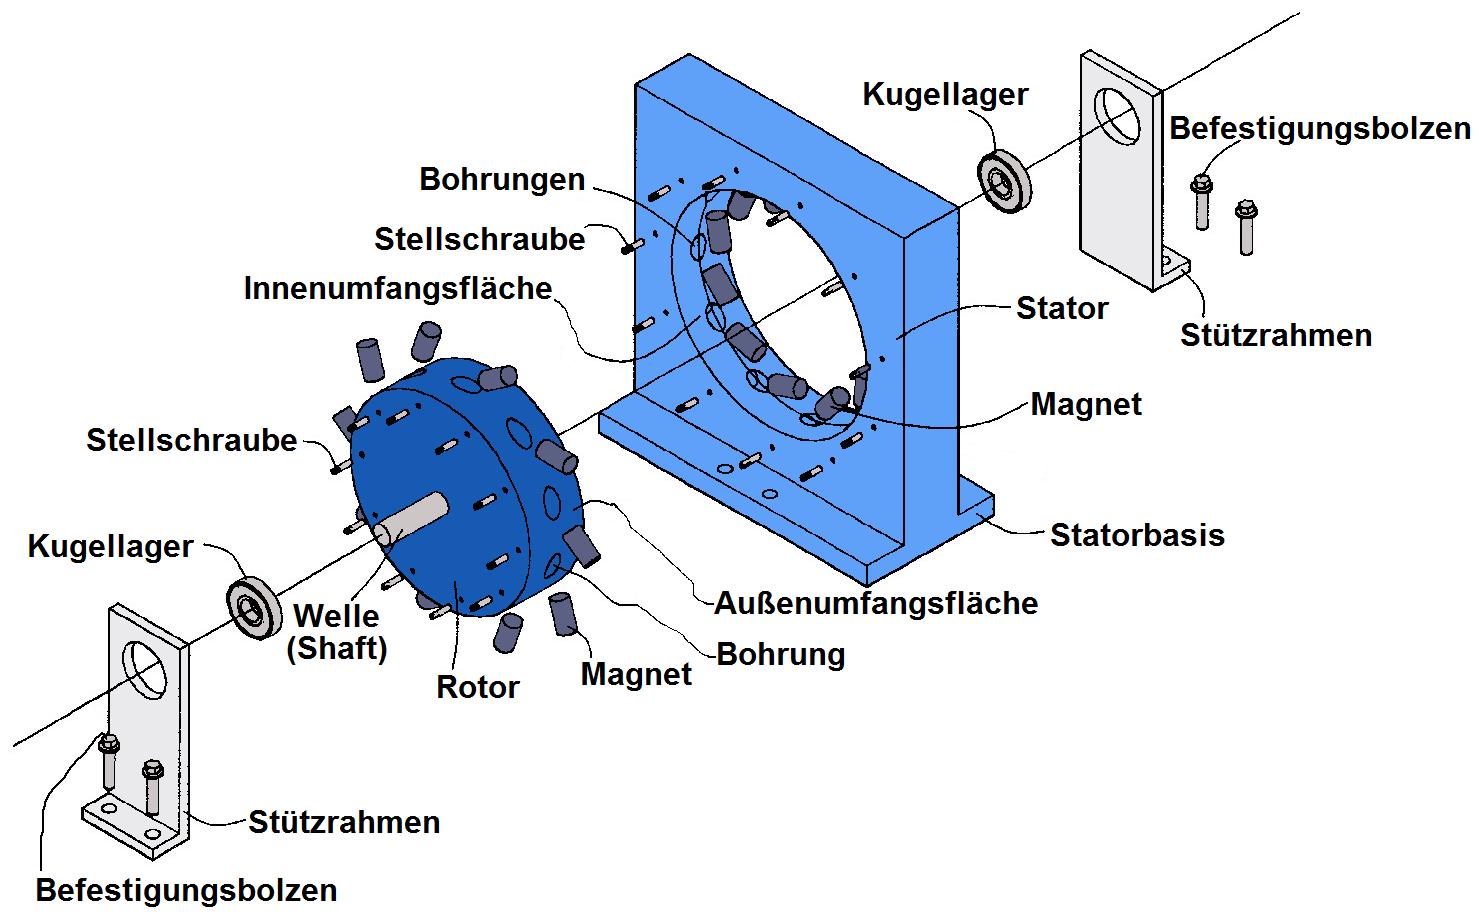 Magnetmotor Neue Offizielle Seite - Neue Anleitung 2017 - Freie ...